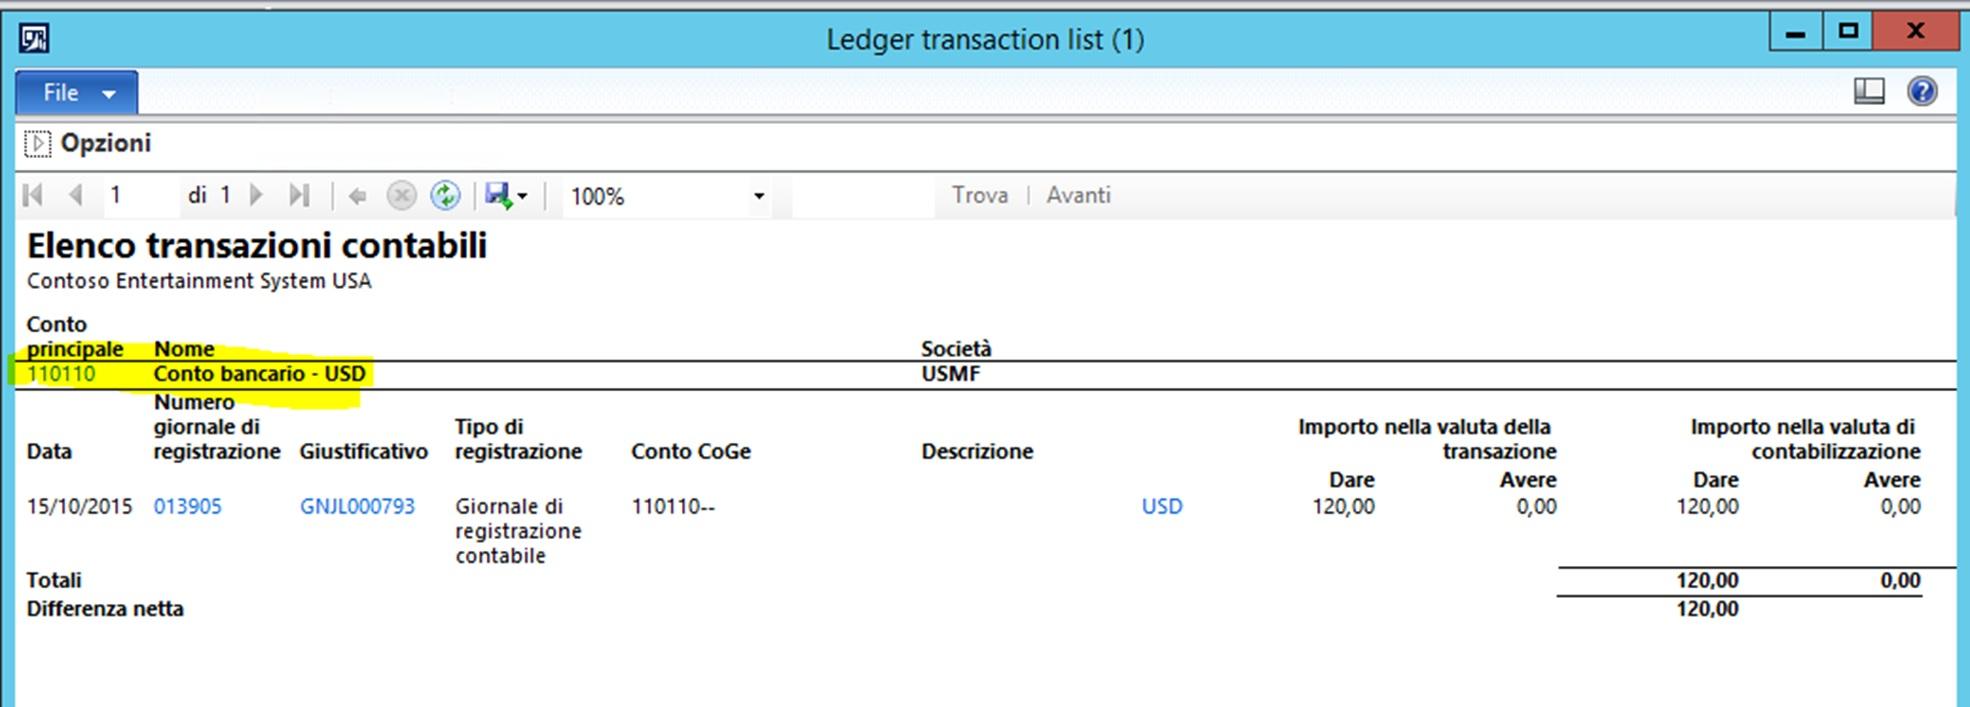 Ledger Transactions